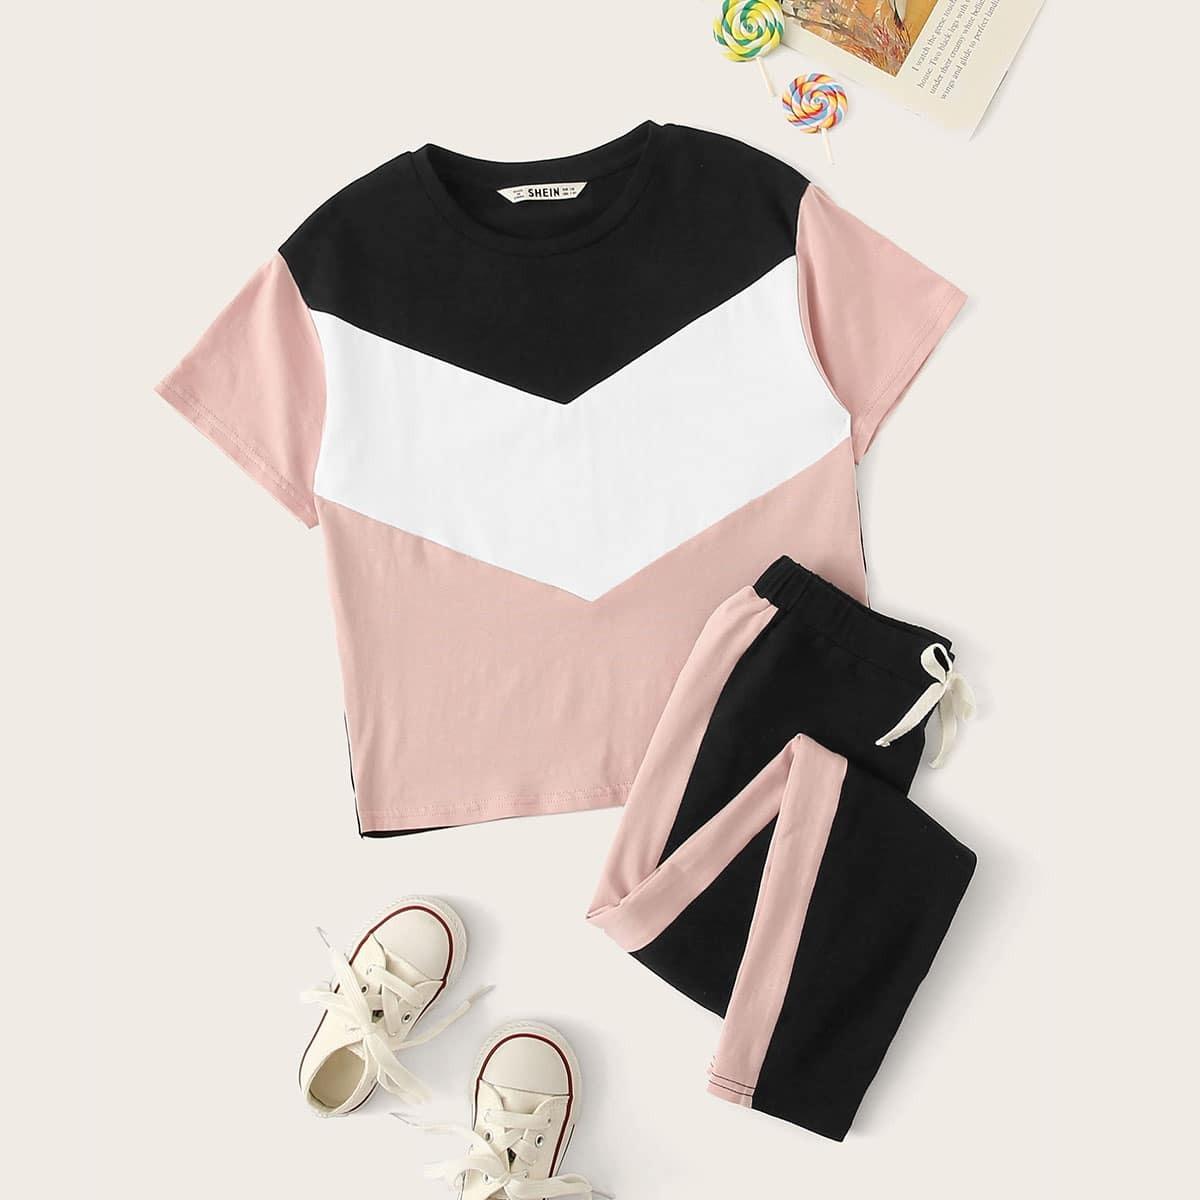 Контрастный топ и брюки с кулиской на талии для девочек от SHEIN